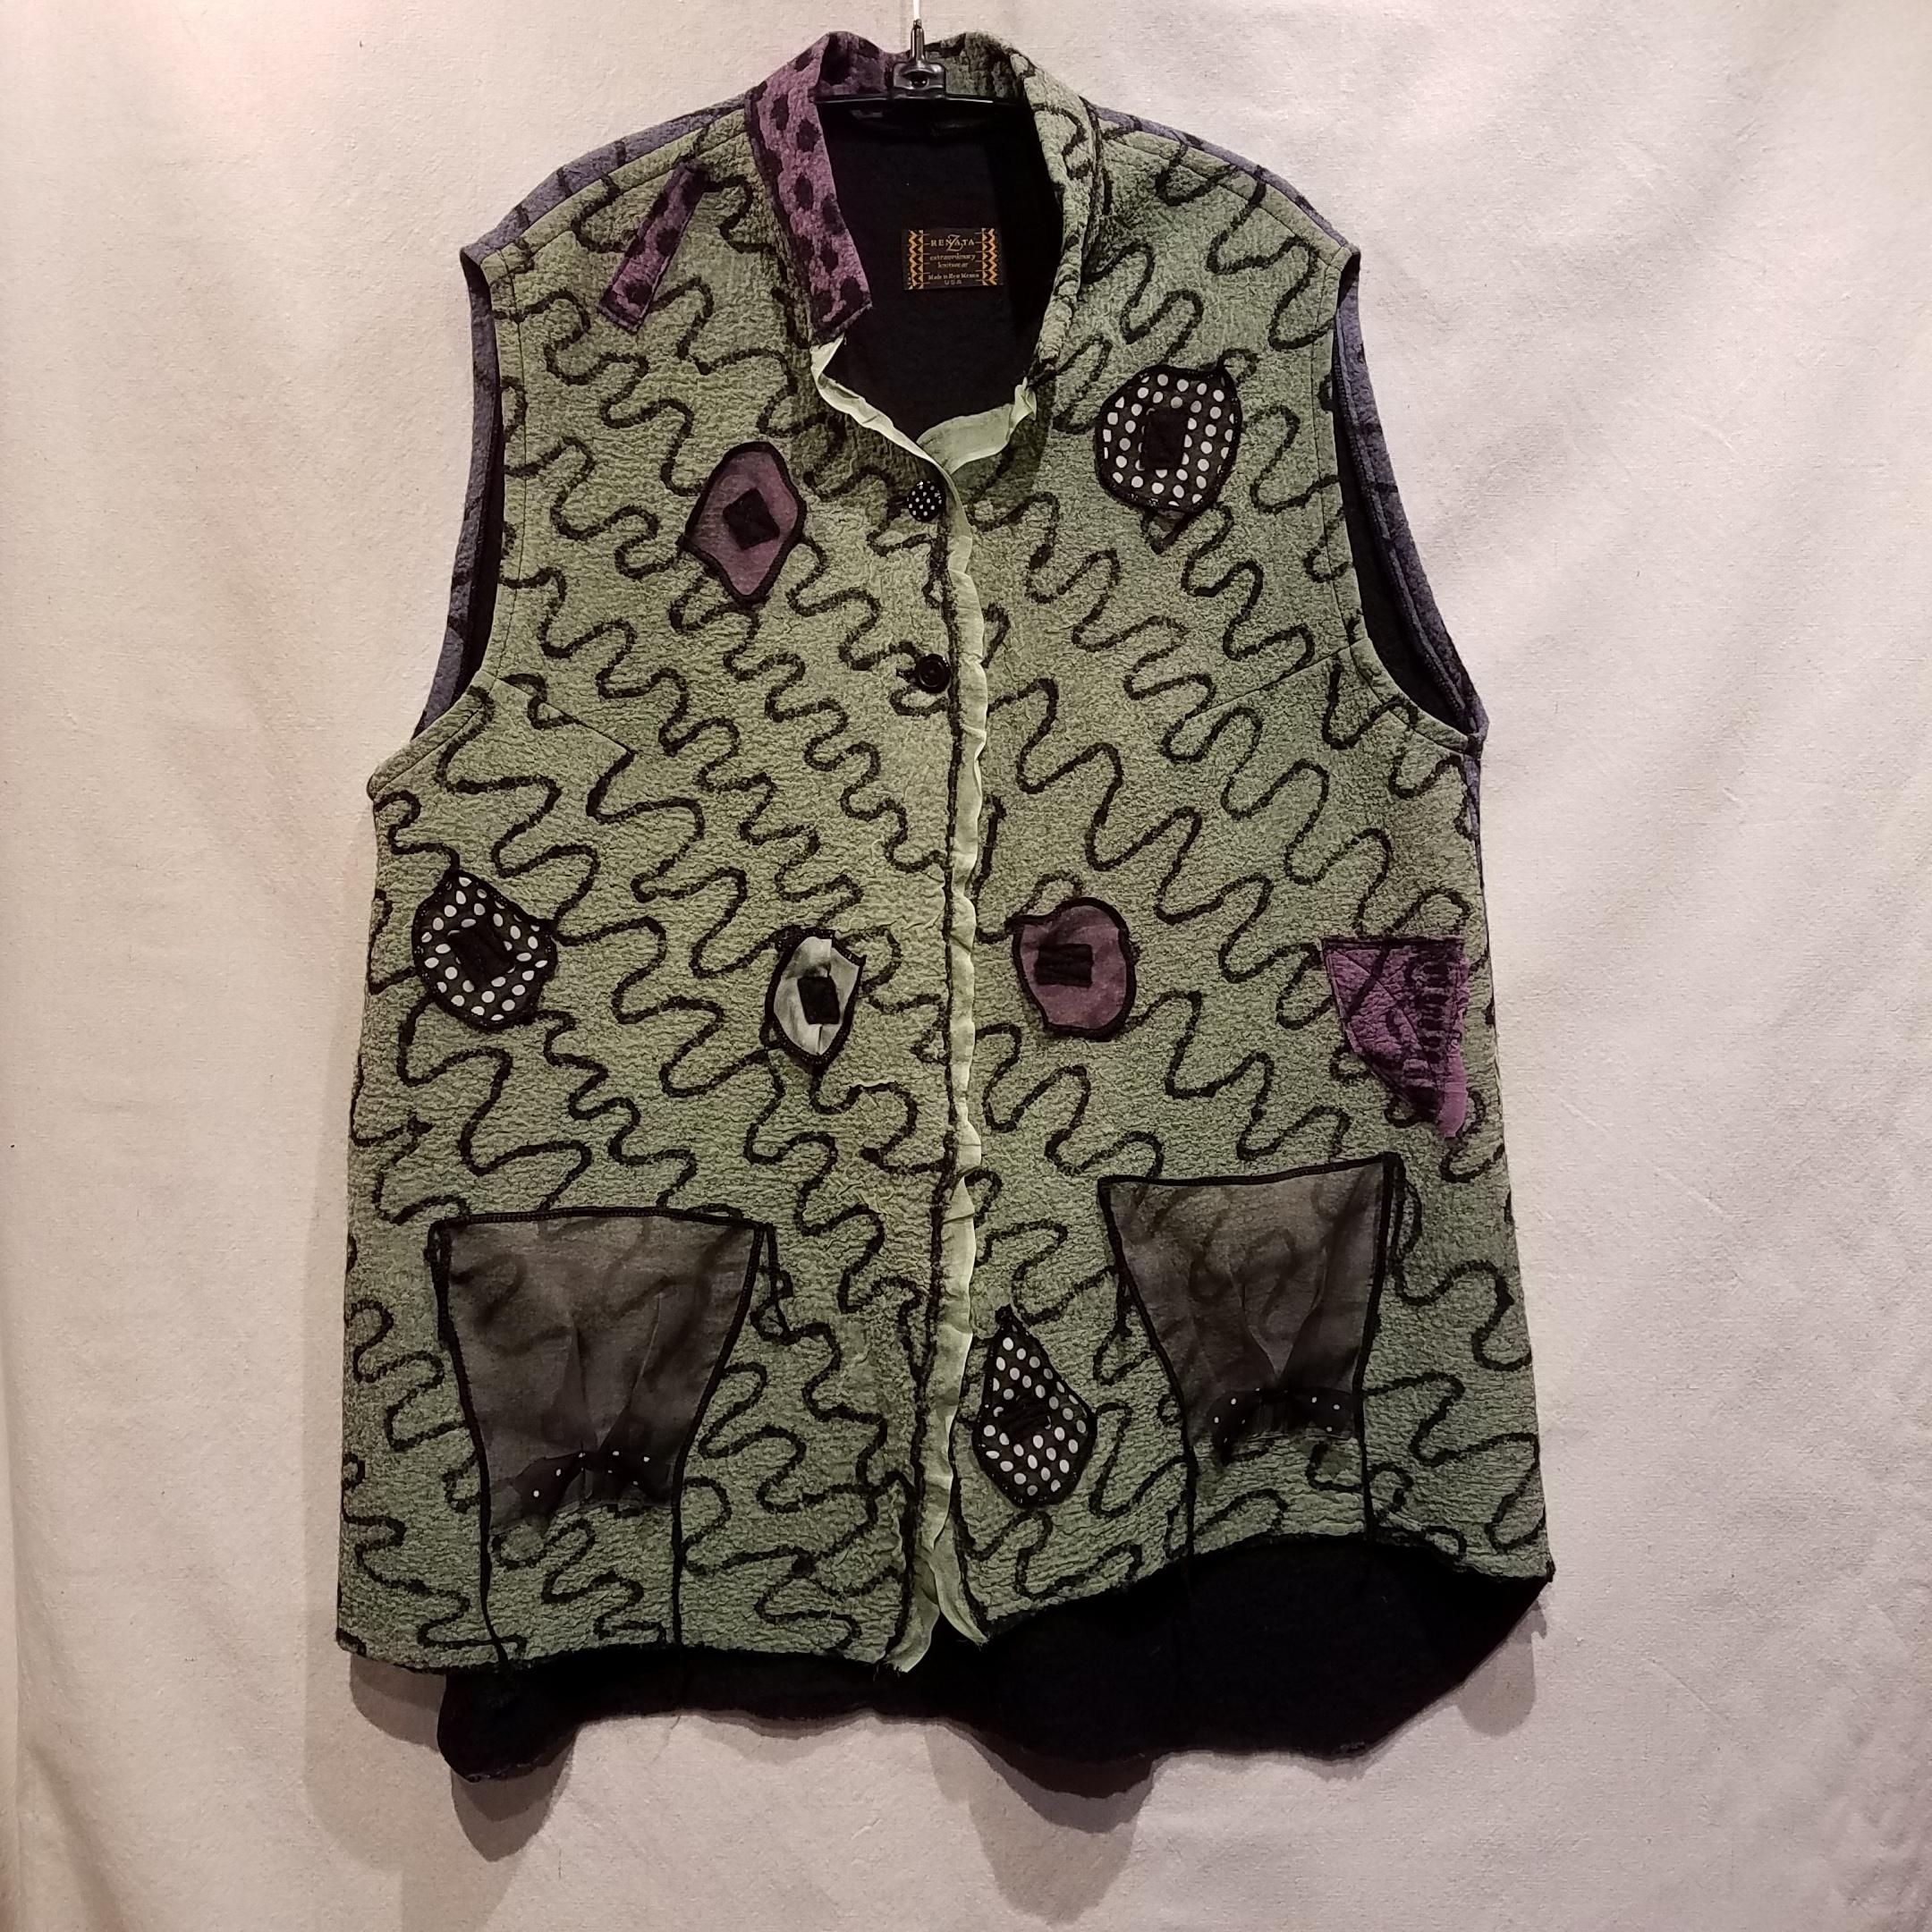 Felted Vest RZ912 $485 Sage/Blue - SOLD